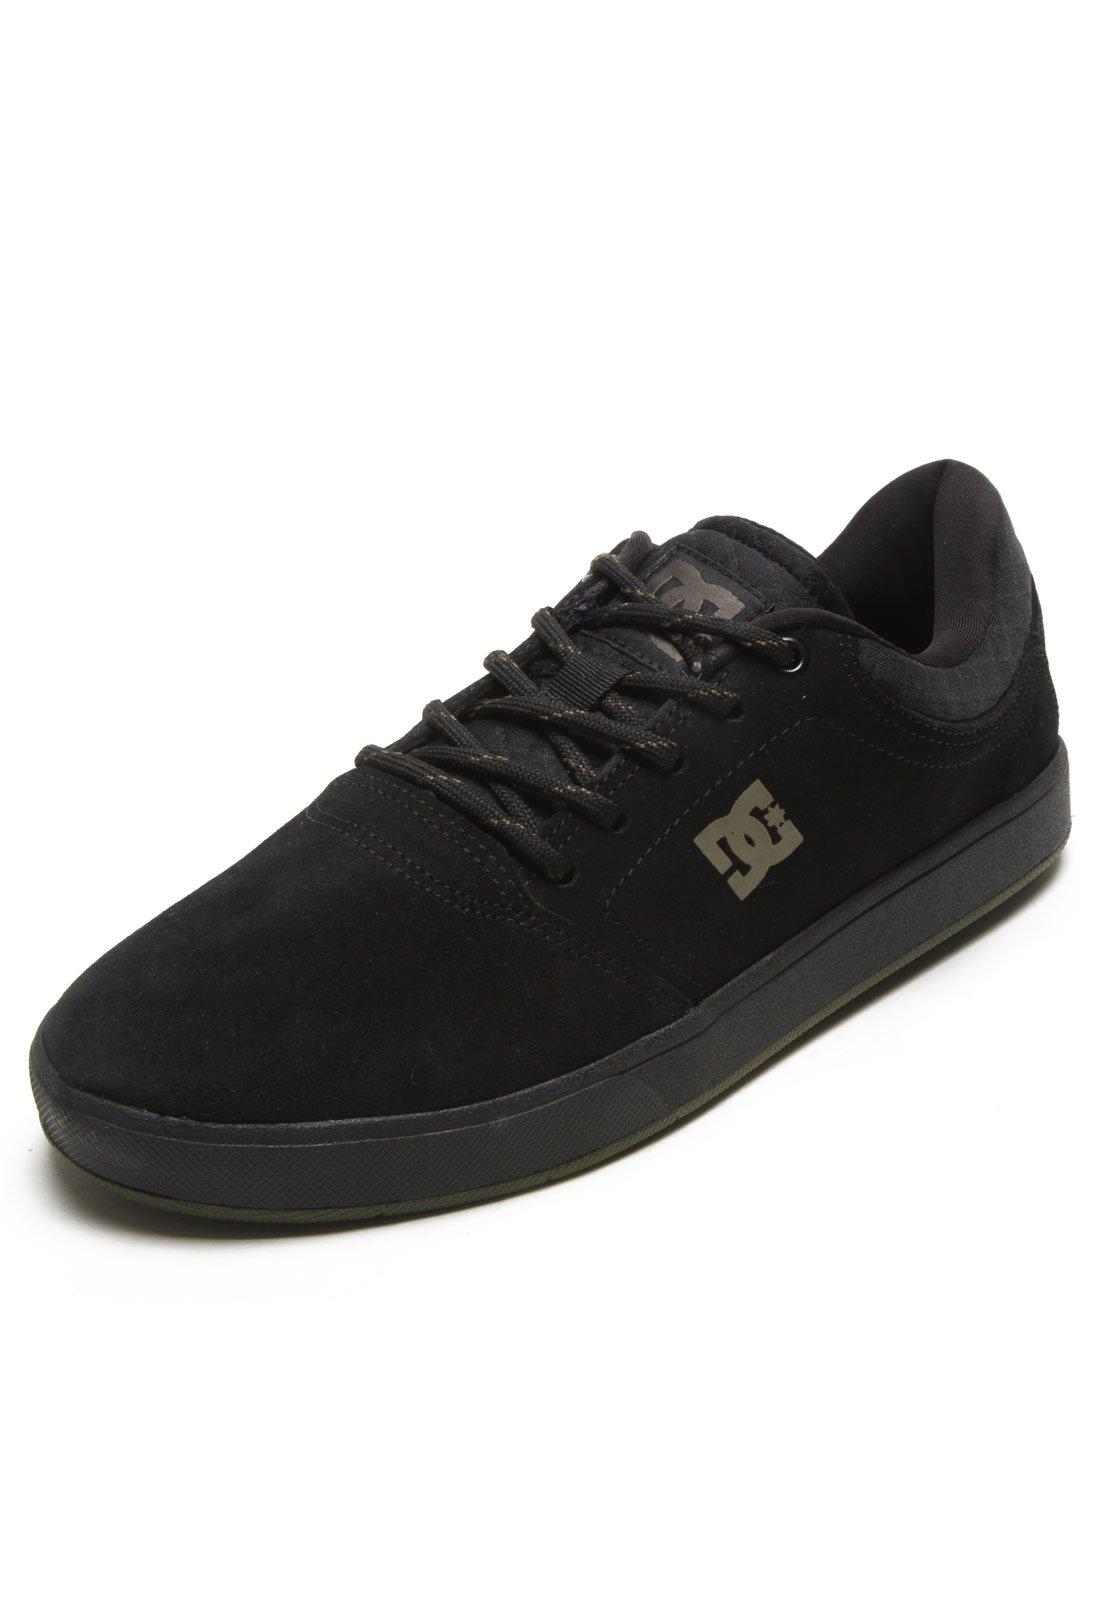 c583aa8c172 Tenis DC Shoes Crisis Se La Preto - Compre Agora